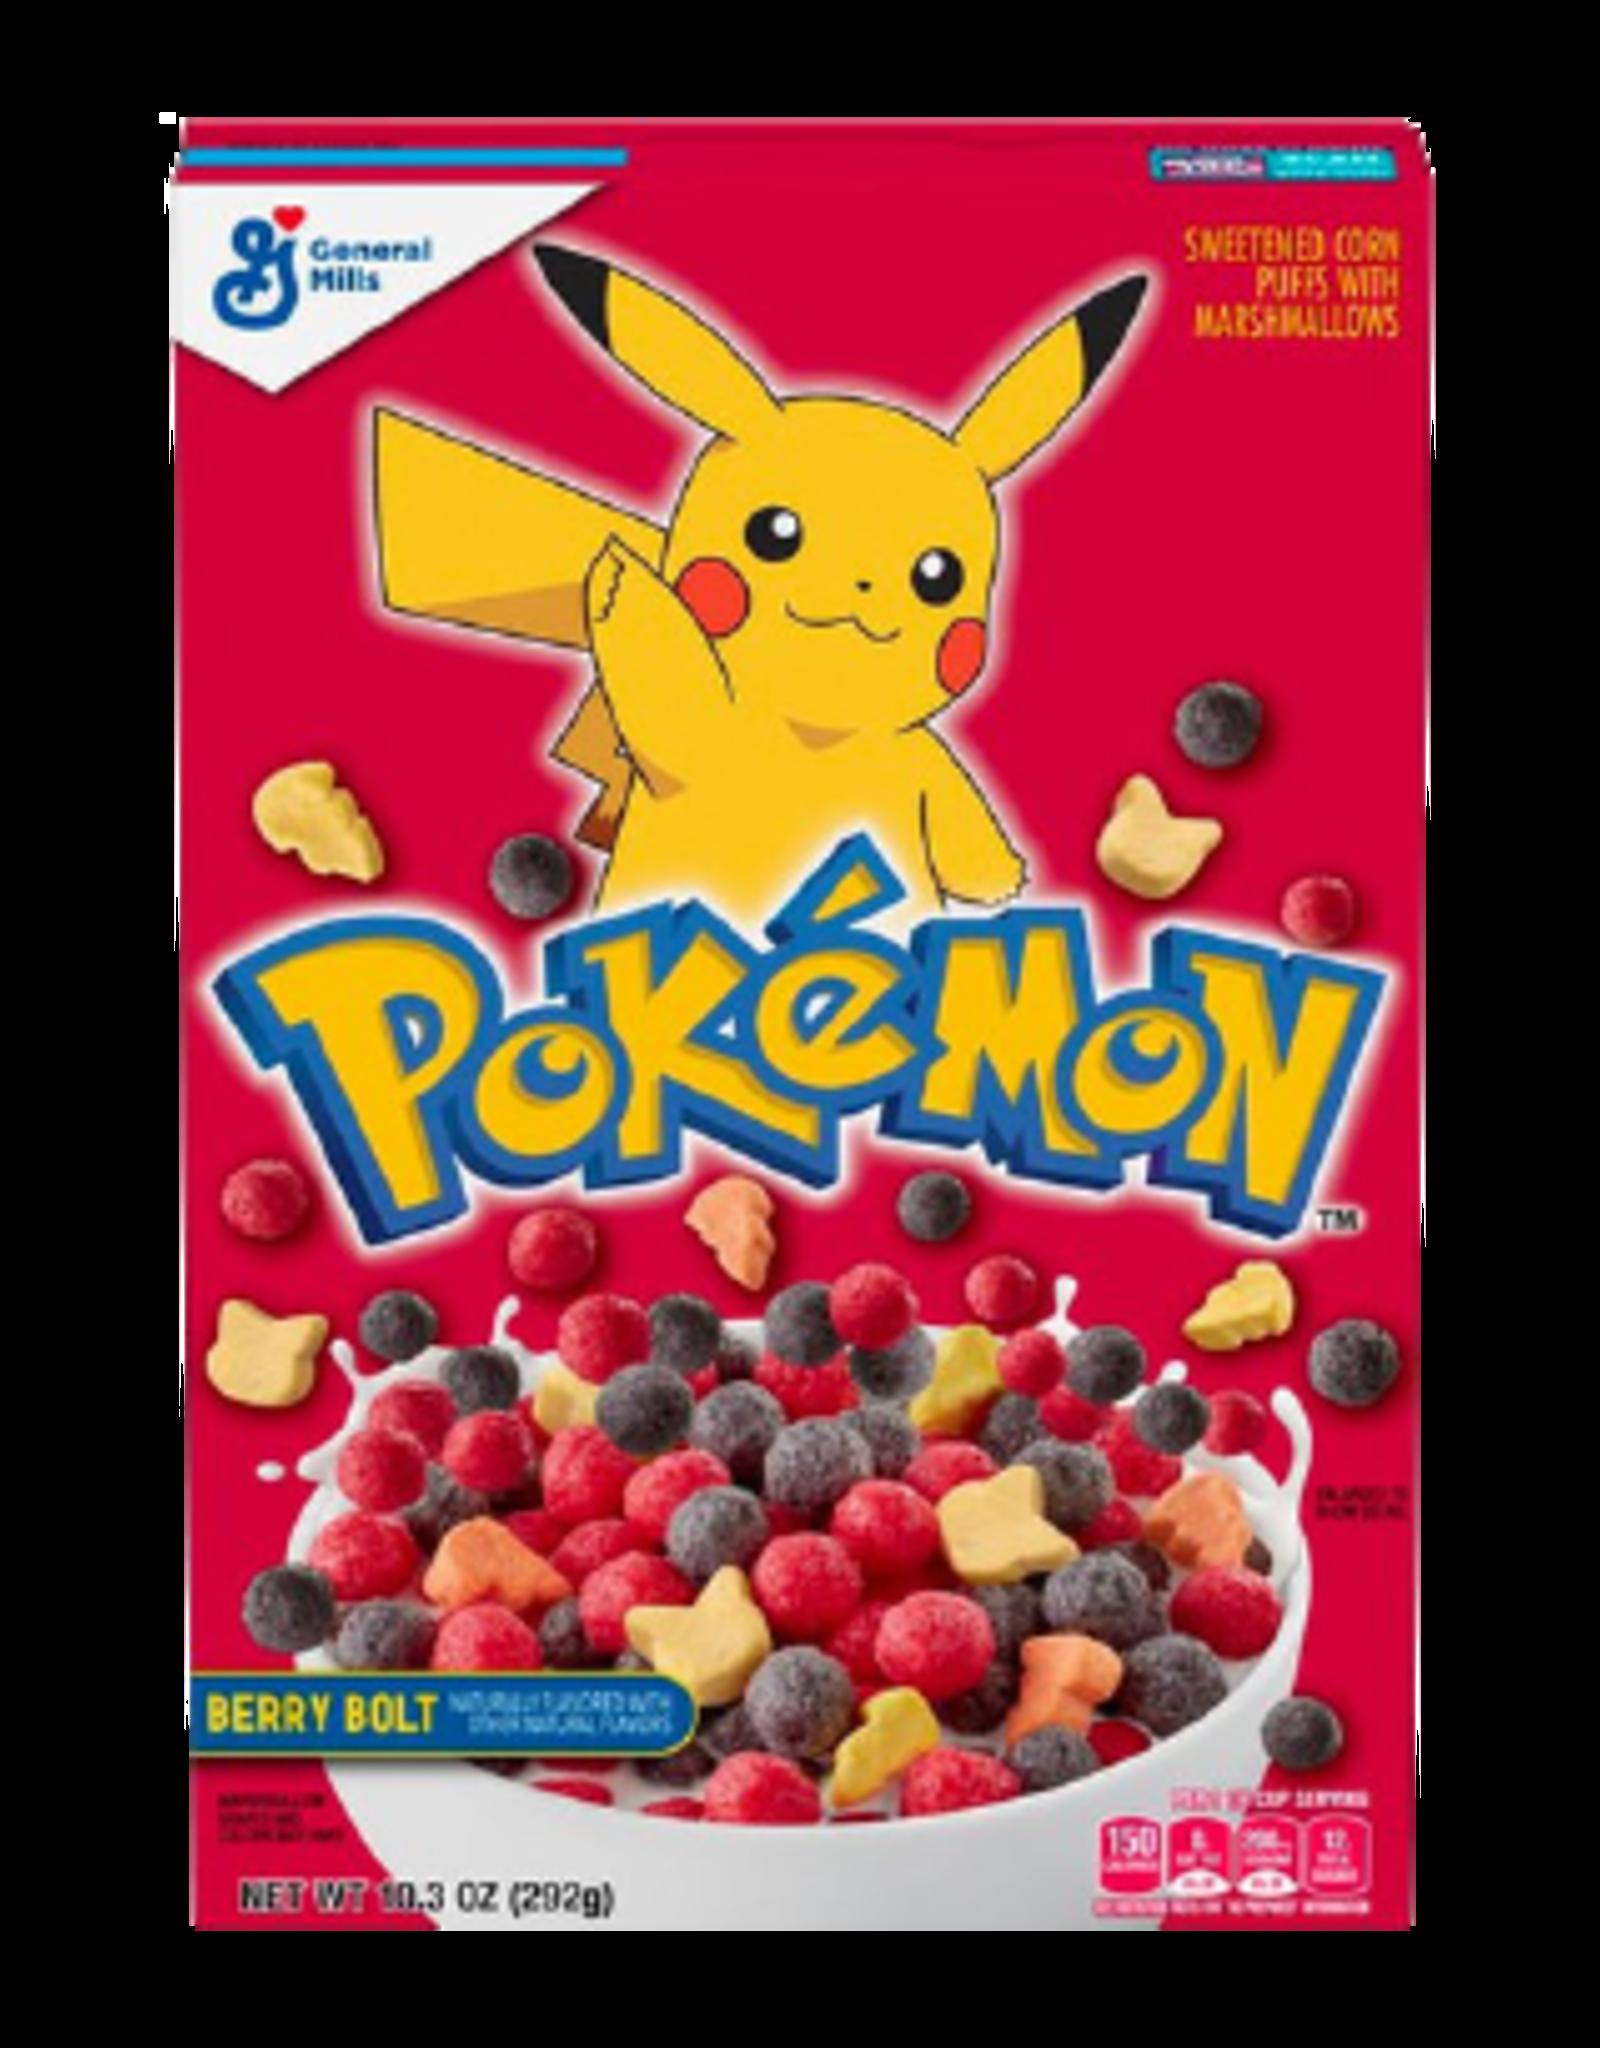 Pokémon Berry Bolt